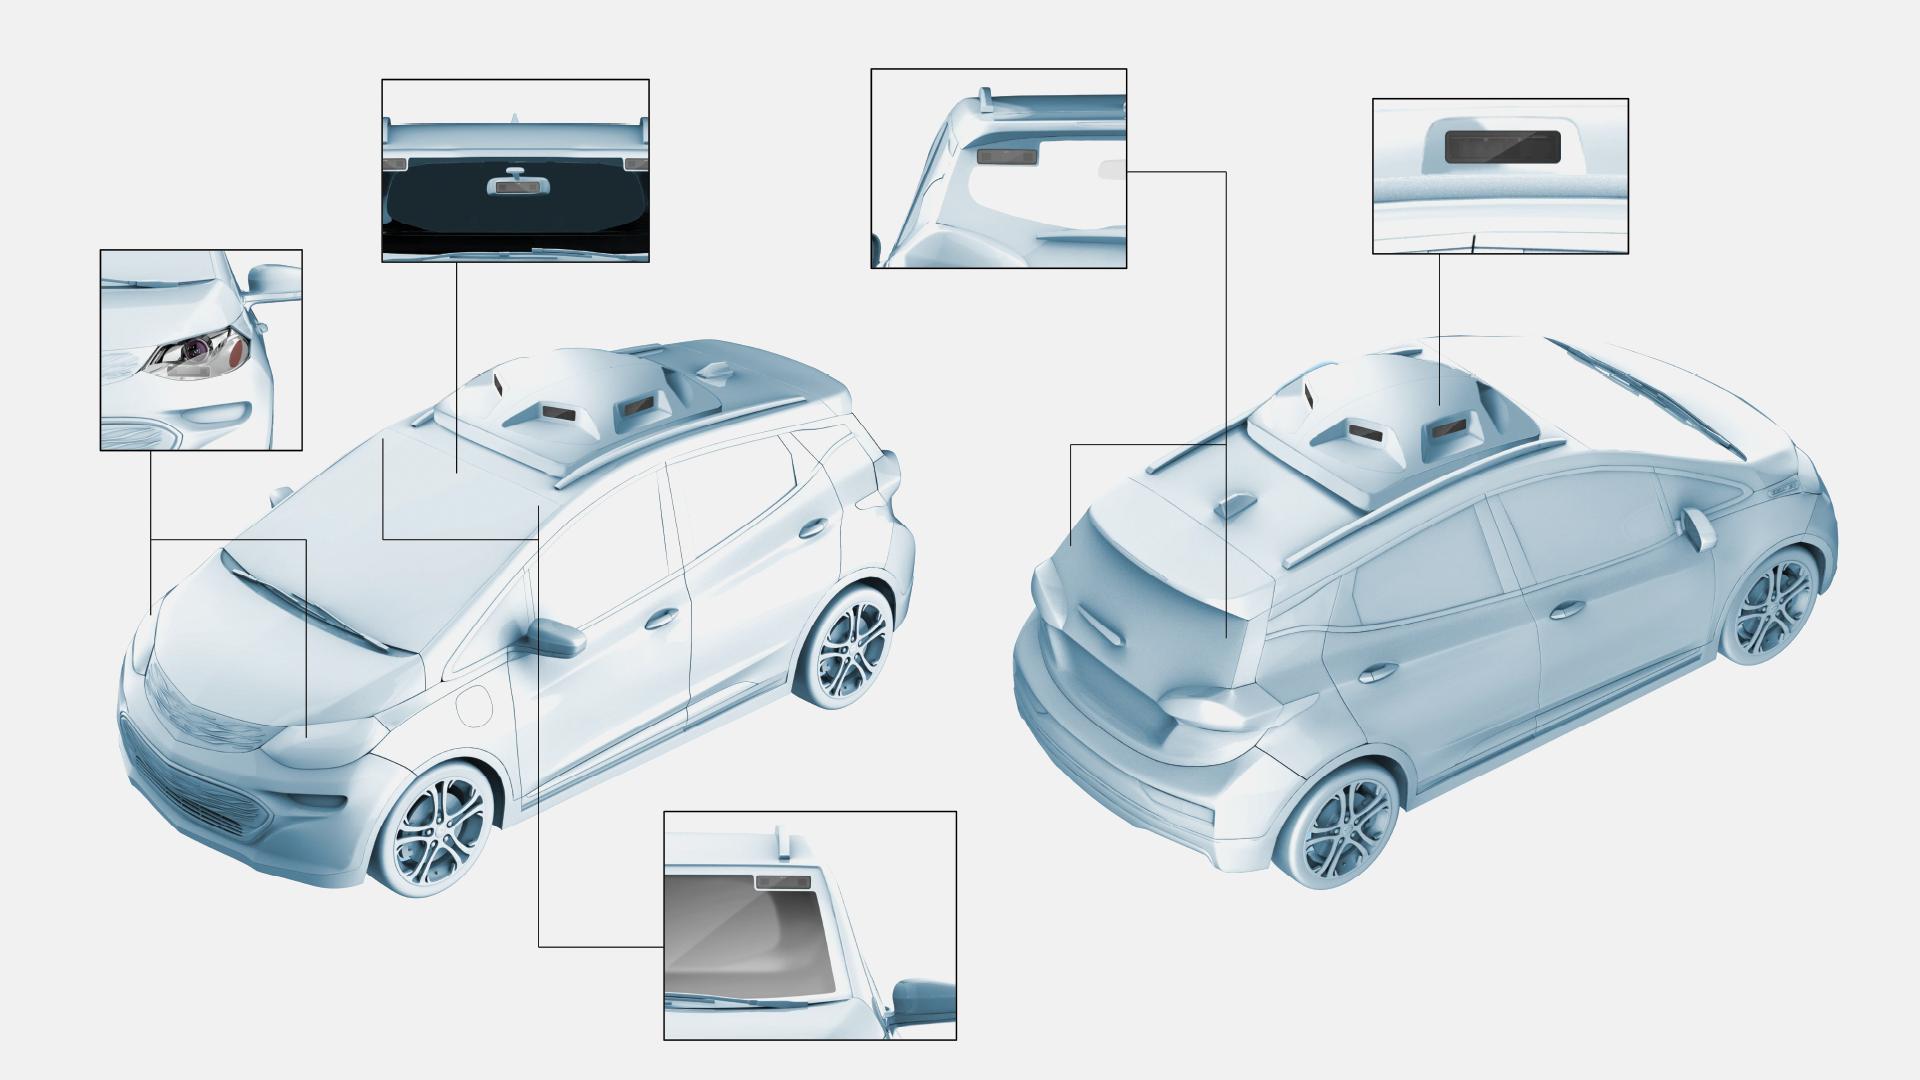 Flexible Sensor Placement Options